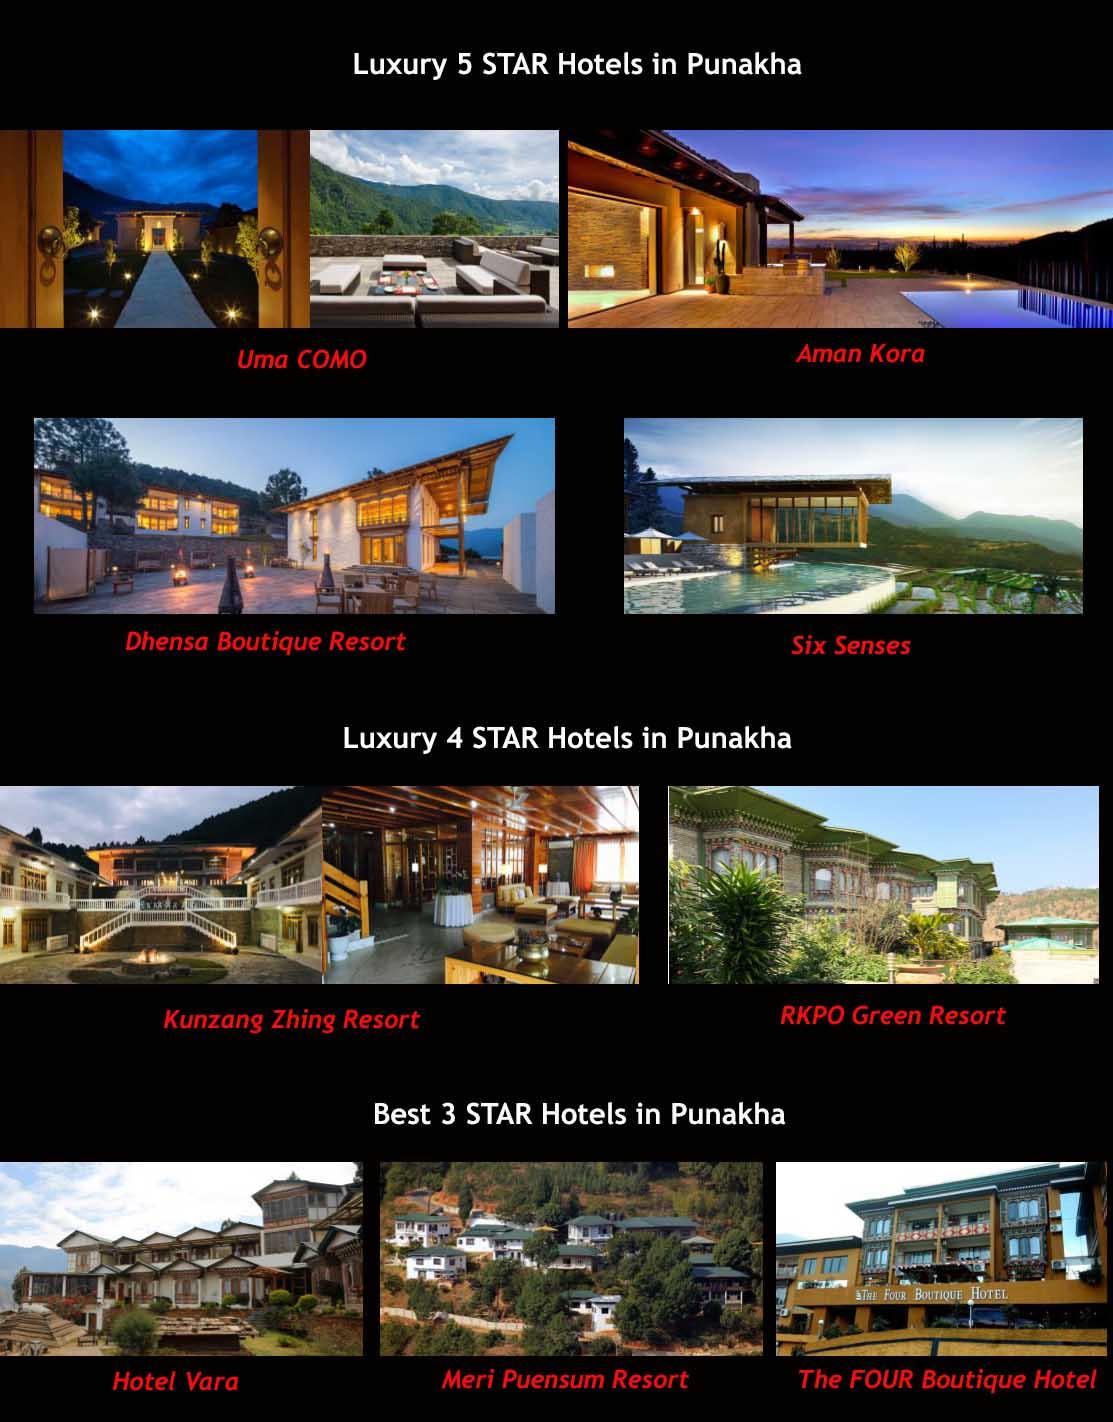 Hotels at Punakha